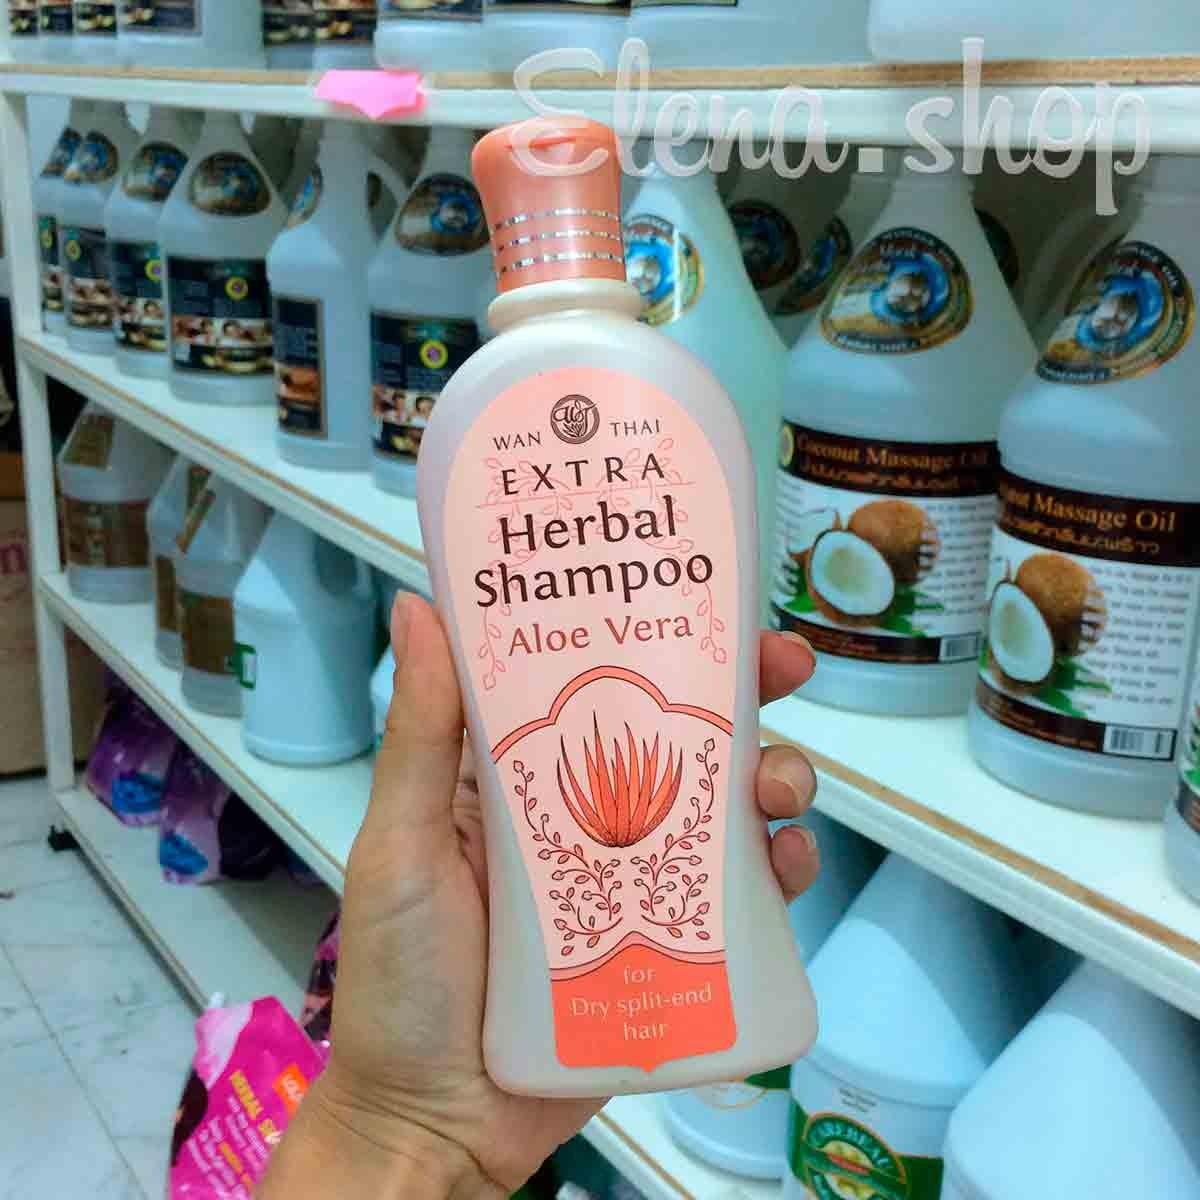 Травяной шампунь с экстрактом алое вера Wan Thai для сухих и поврежденных волос